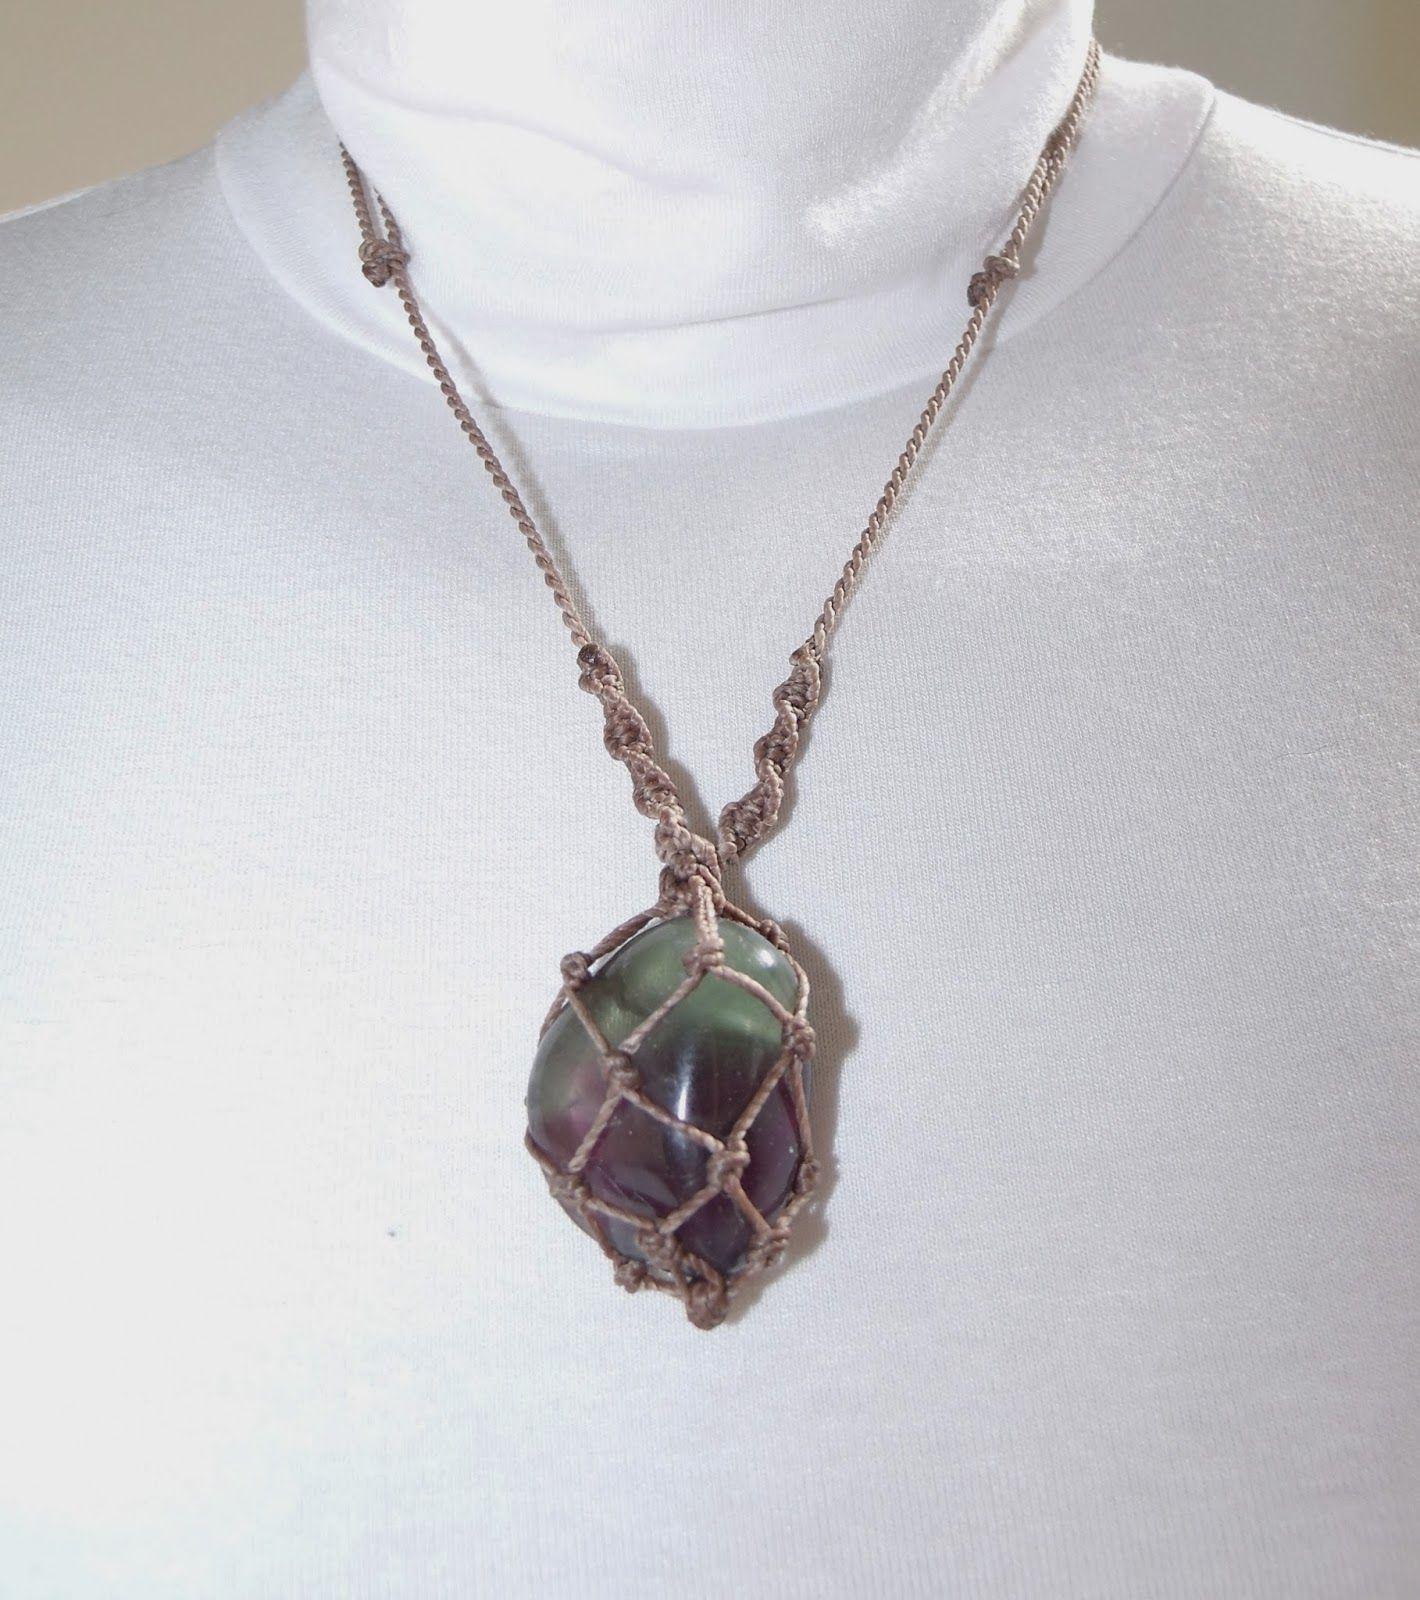 Senhora dos Anéis - Anéis em cristais Swarovski e pedras preciosas e outros acessórios.: Colar em macramê com pedra Fluorita